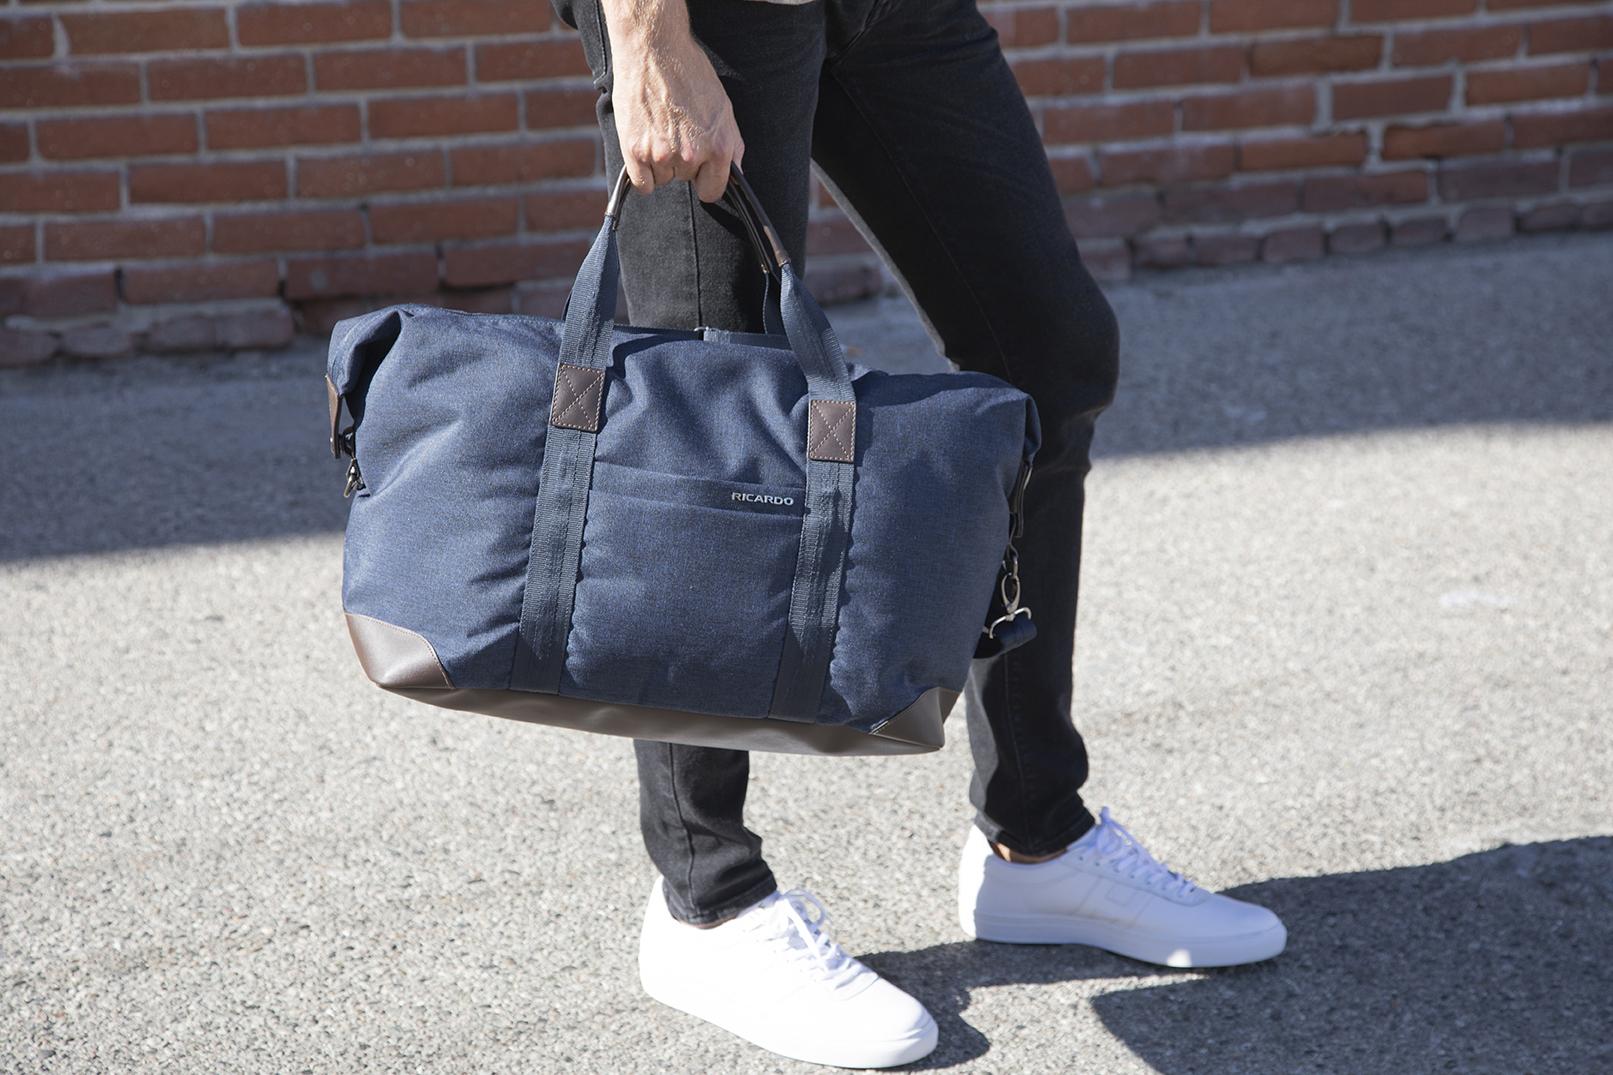 Men holding a duffel.